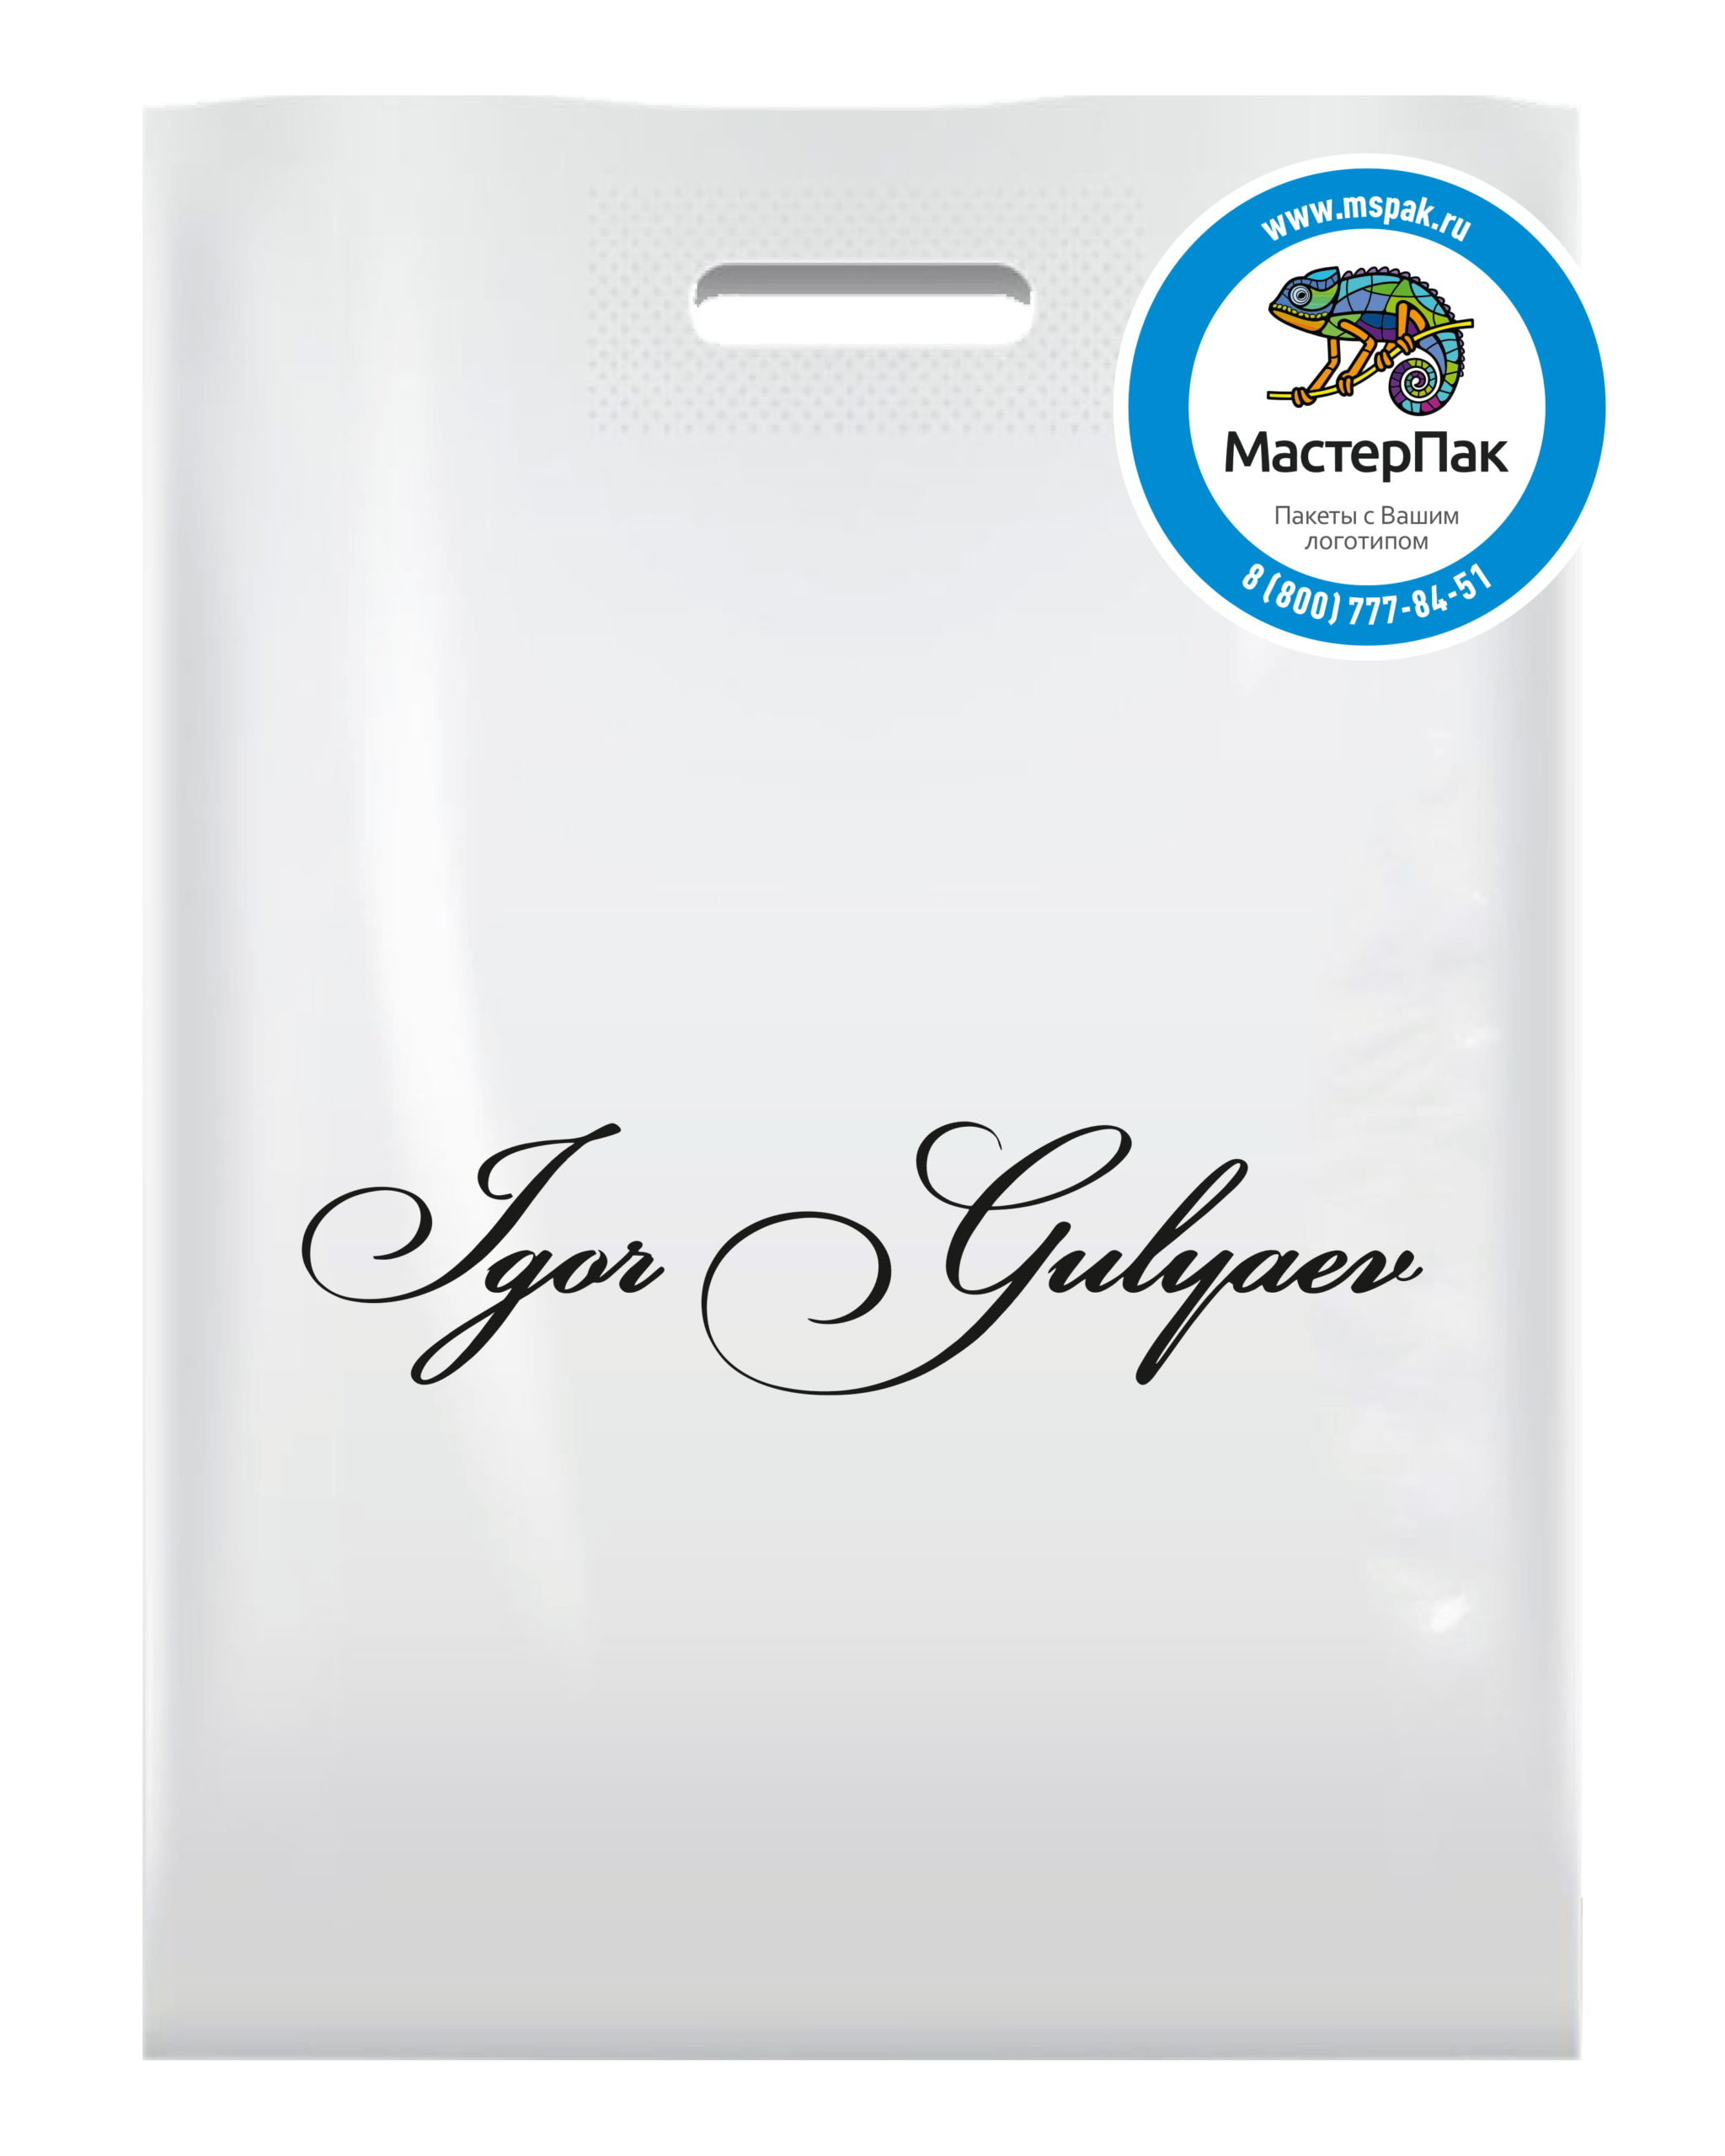 Пакет ПВД черный с вырубной ручкой и логотипом магазина Igor Gulyaev, Москва